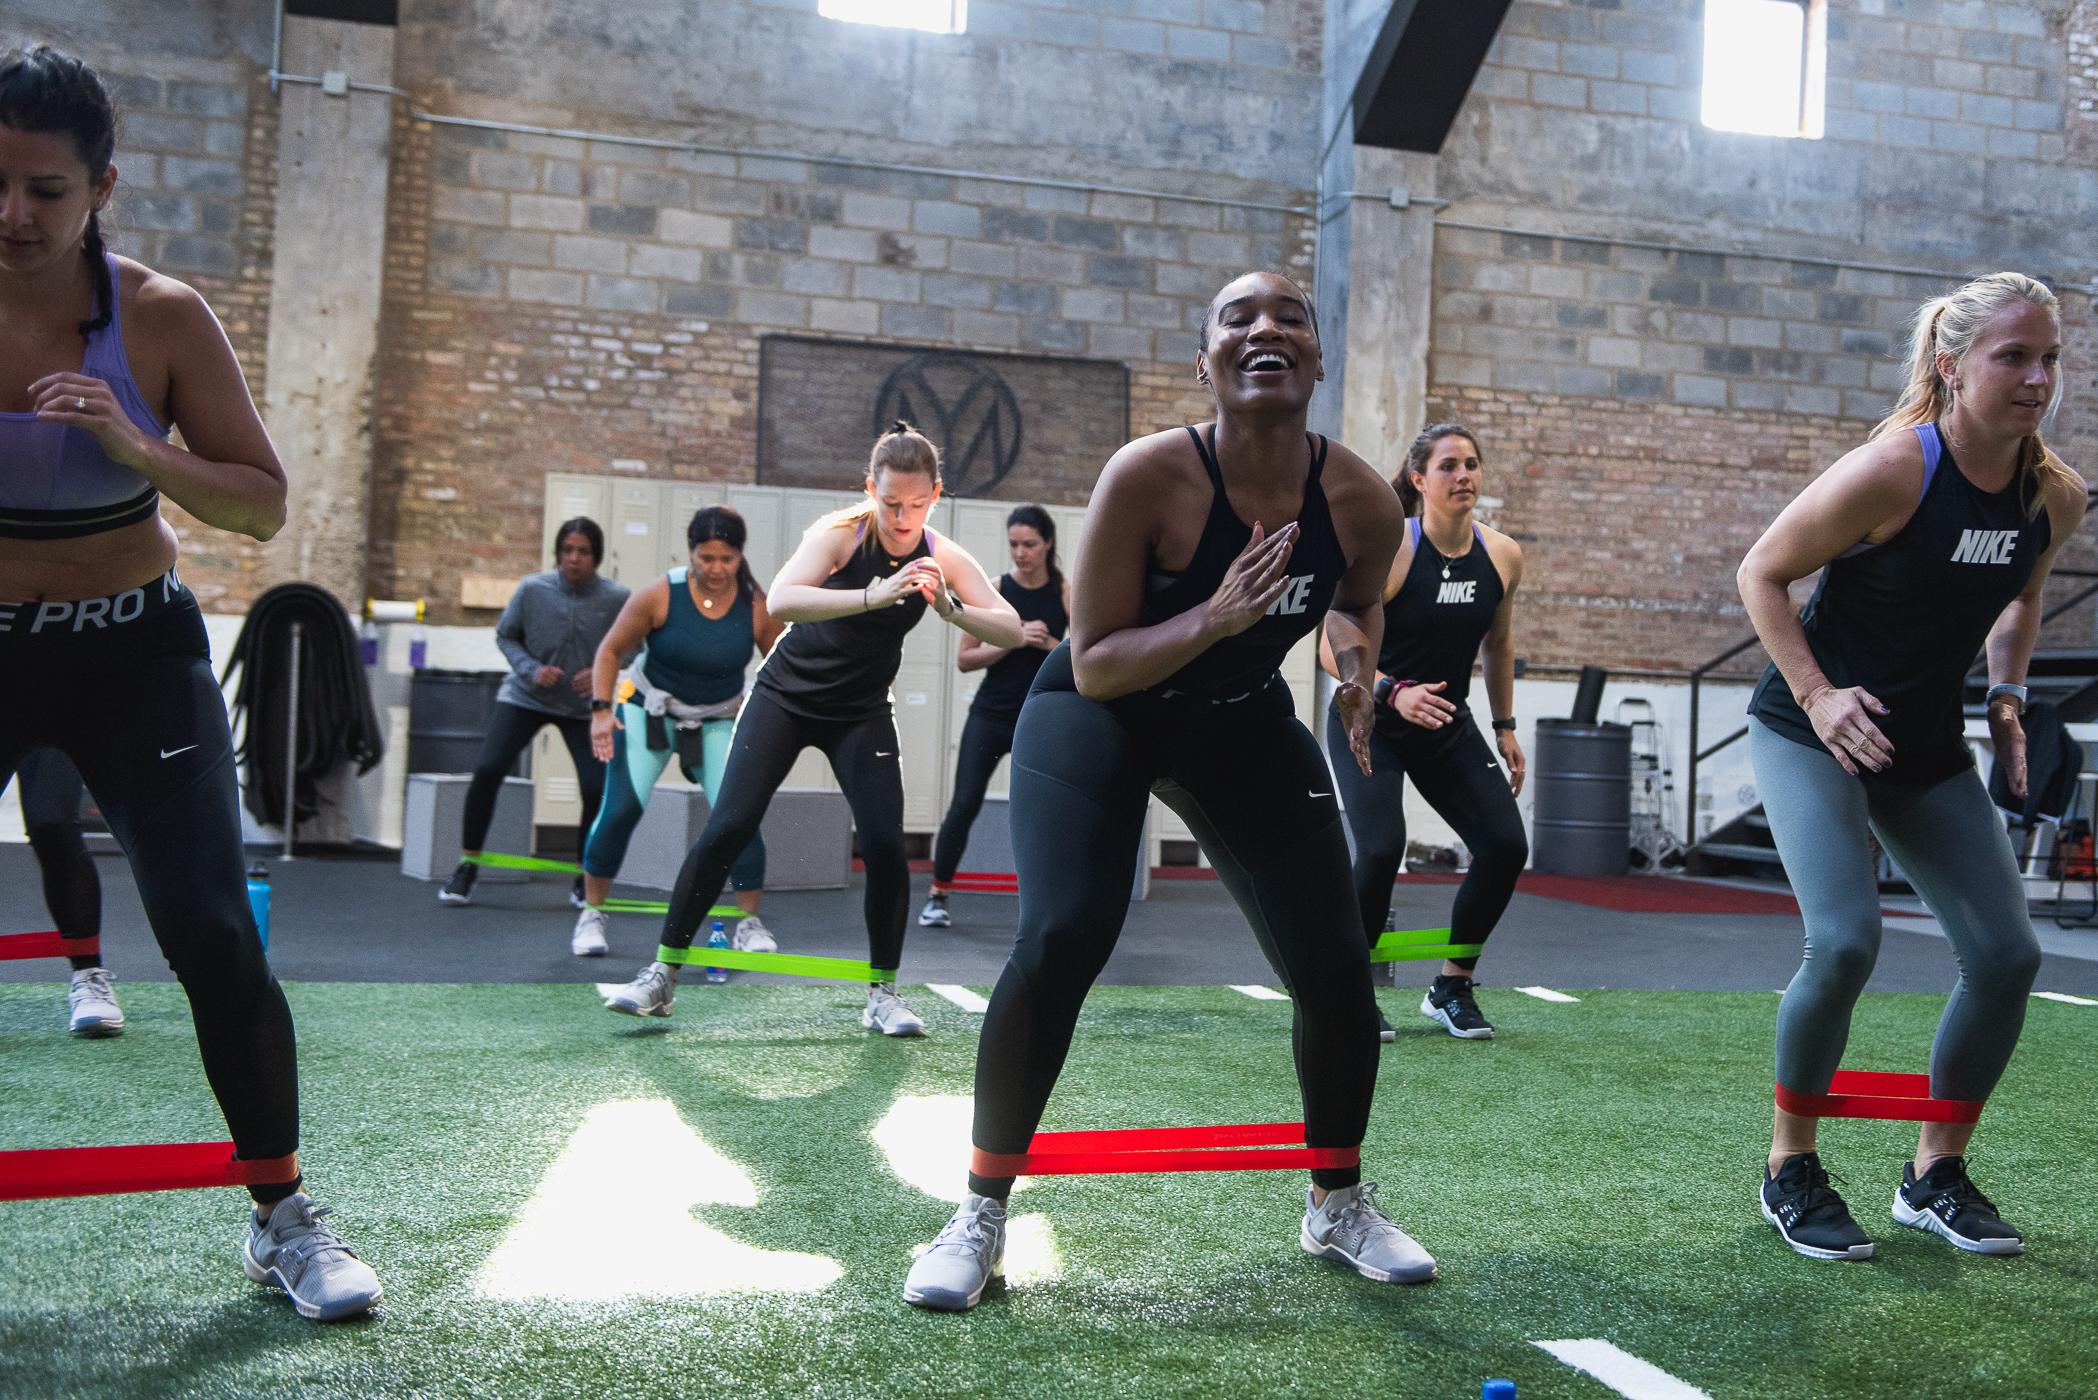 Zoe_Rain_Nike_Training_04_22-_DSC7989 copy.jpg